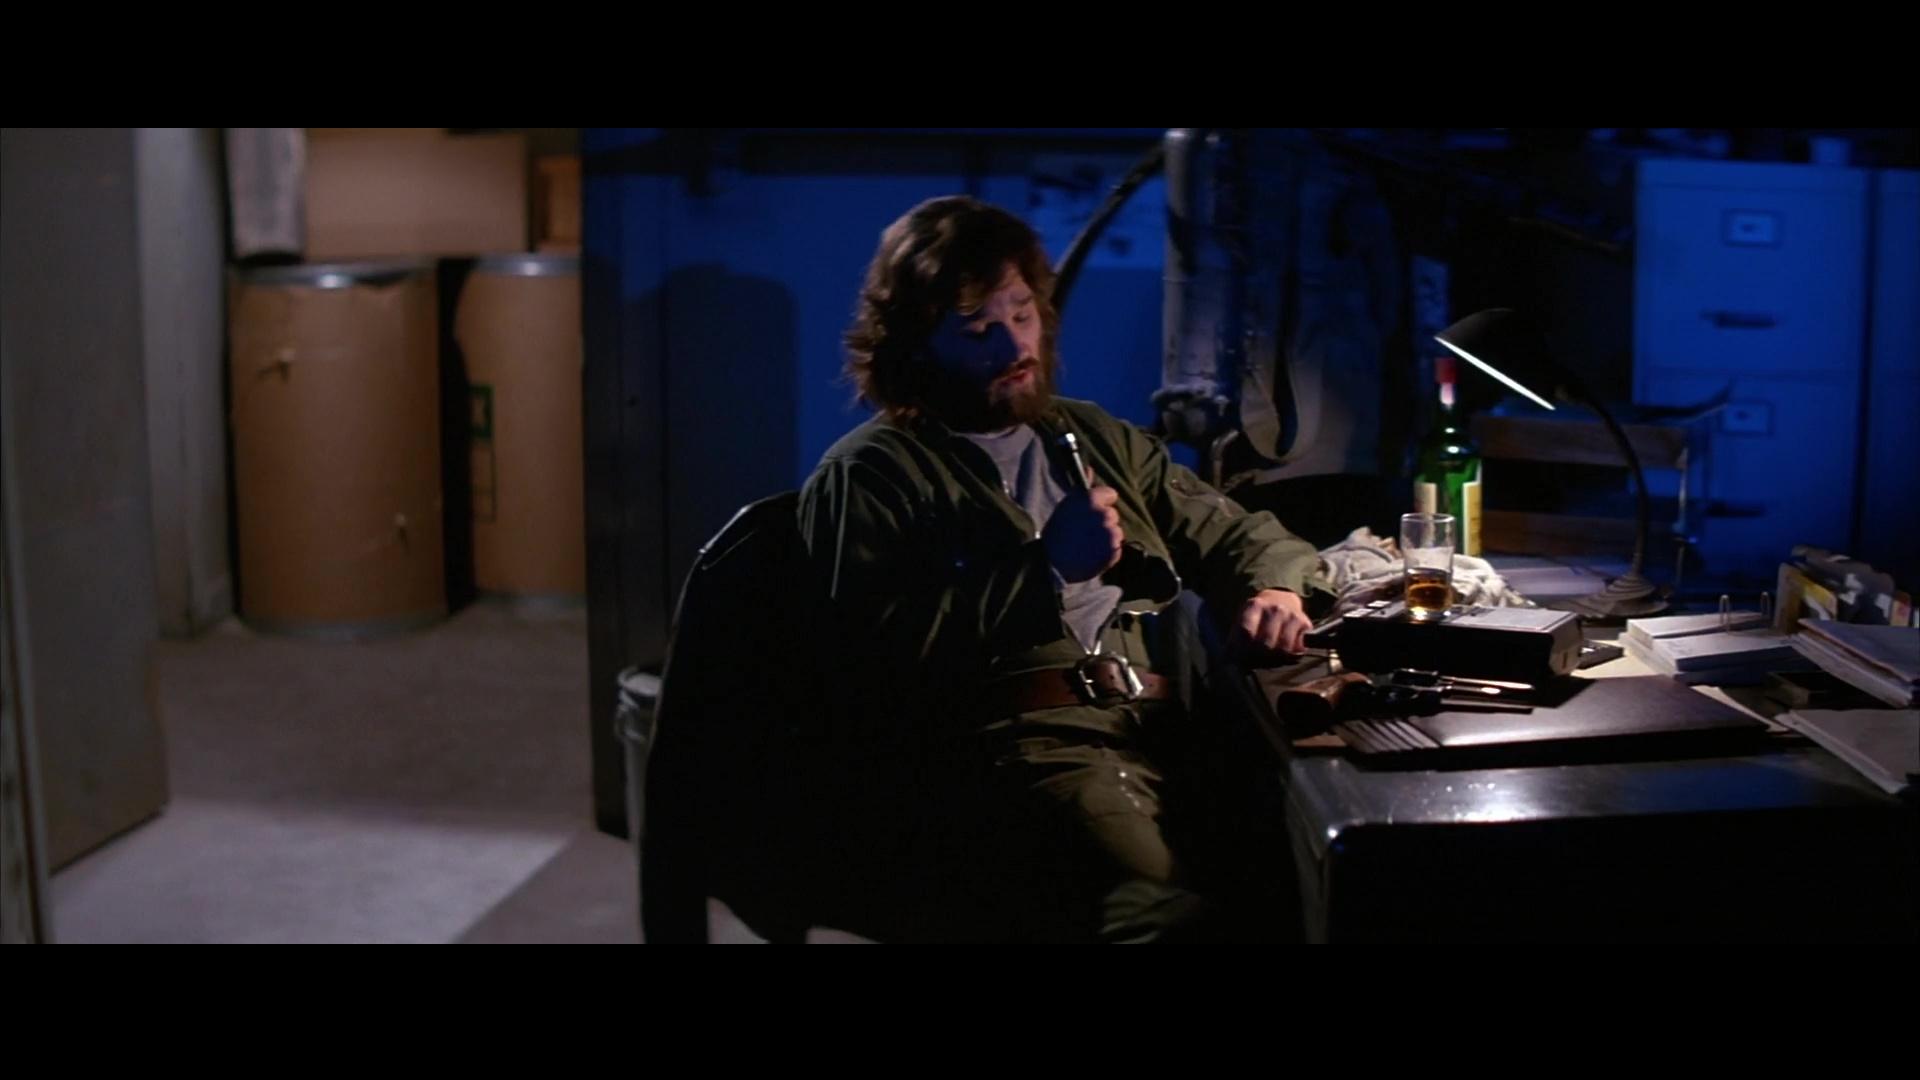 La Cosa Del Otro Mundo 1080p Lat-Cast-Ing 5.1 (1982)